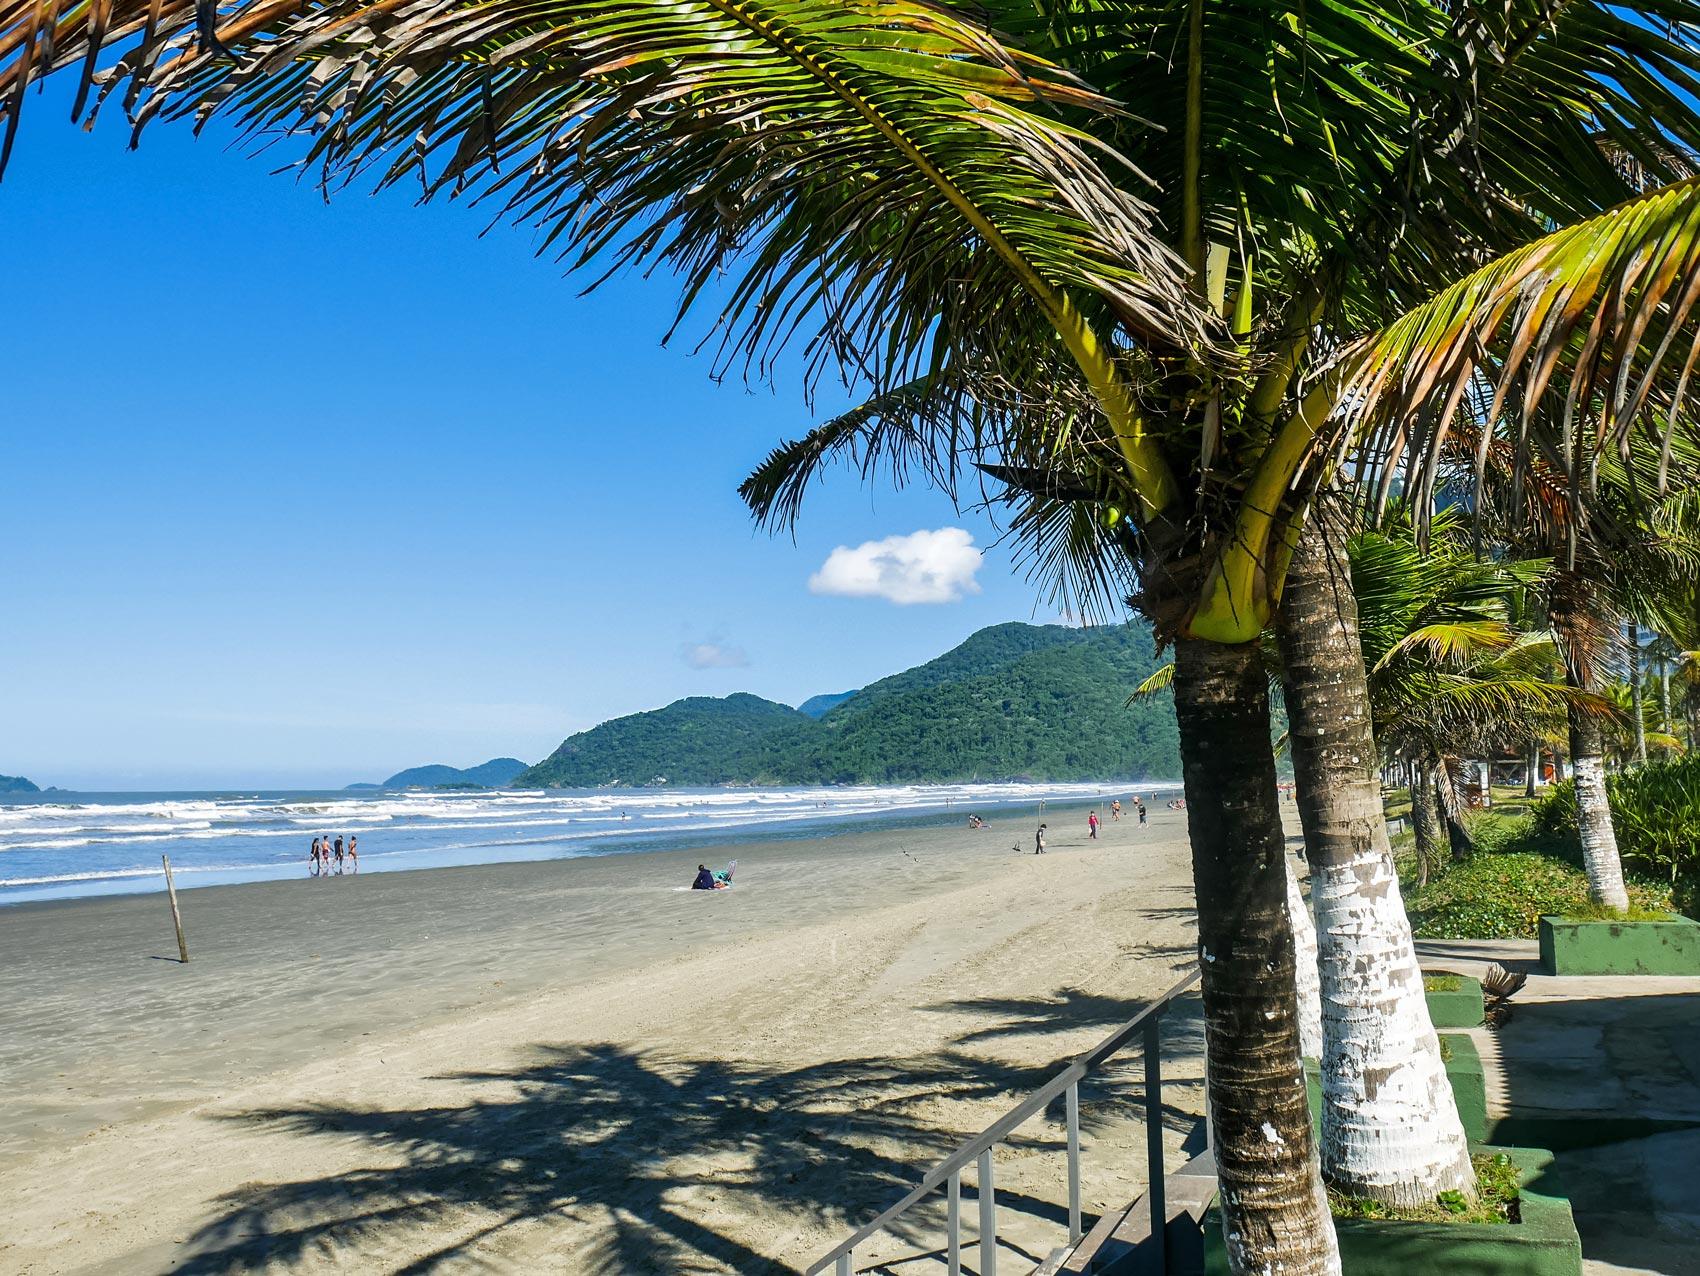 Beautiful nature of beach in Peruíbe, Brazil